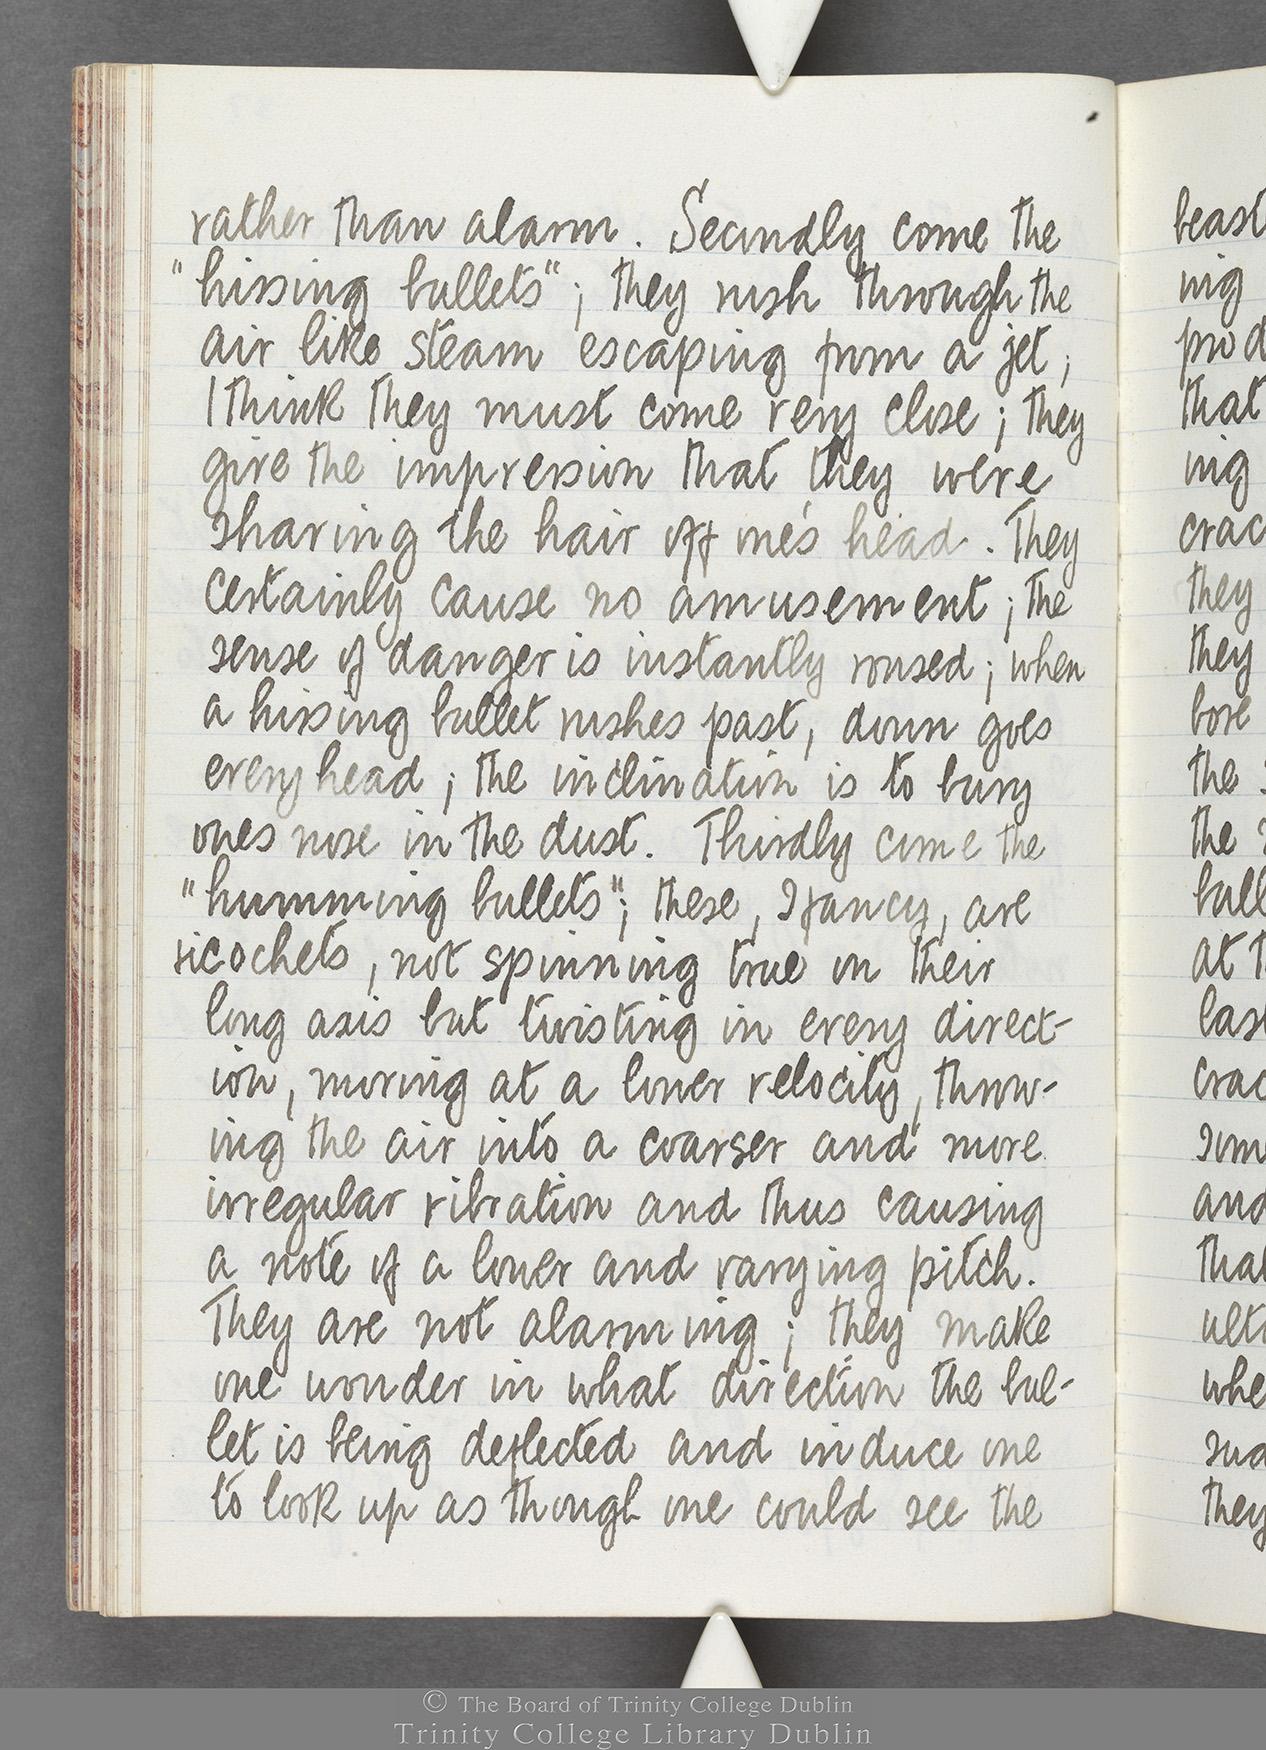 TCD MS 10516 folio 37 verso